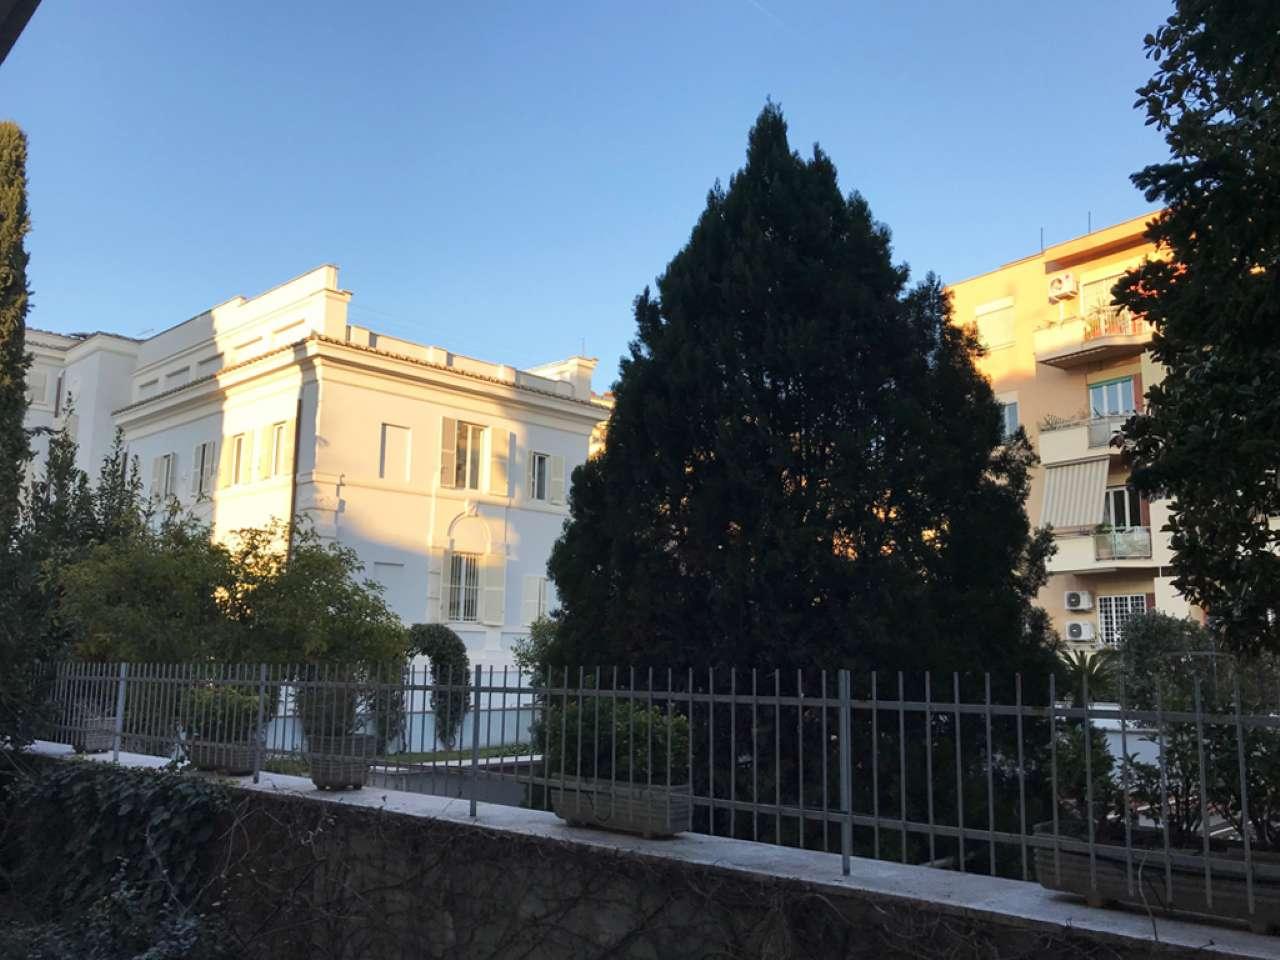 Appartamento in vendita a Roma, 4 locali, zona Zona: 24 . Gianicolense - Colli Portuensi - Monteverde, prezzo € 459.000   CambioCasa.it